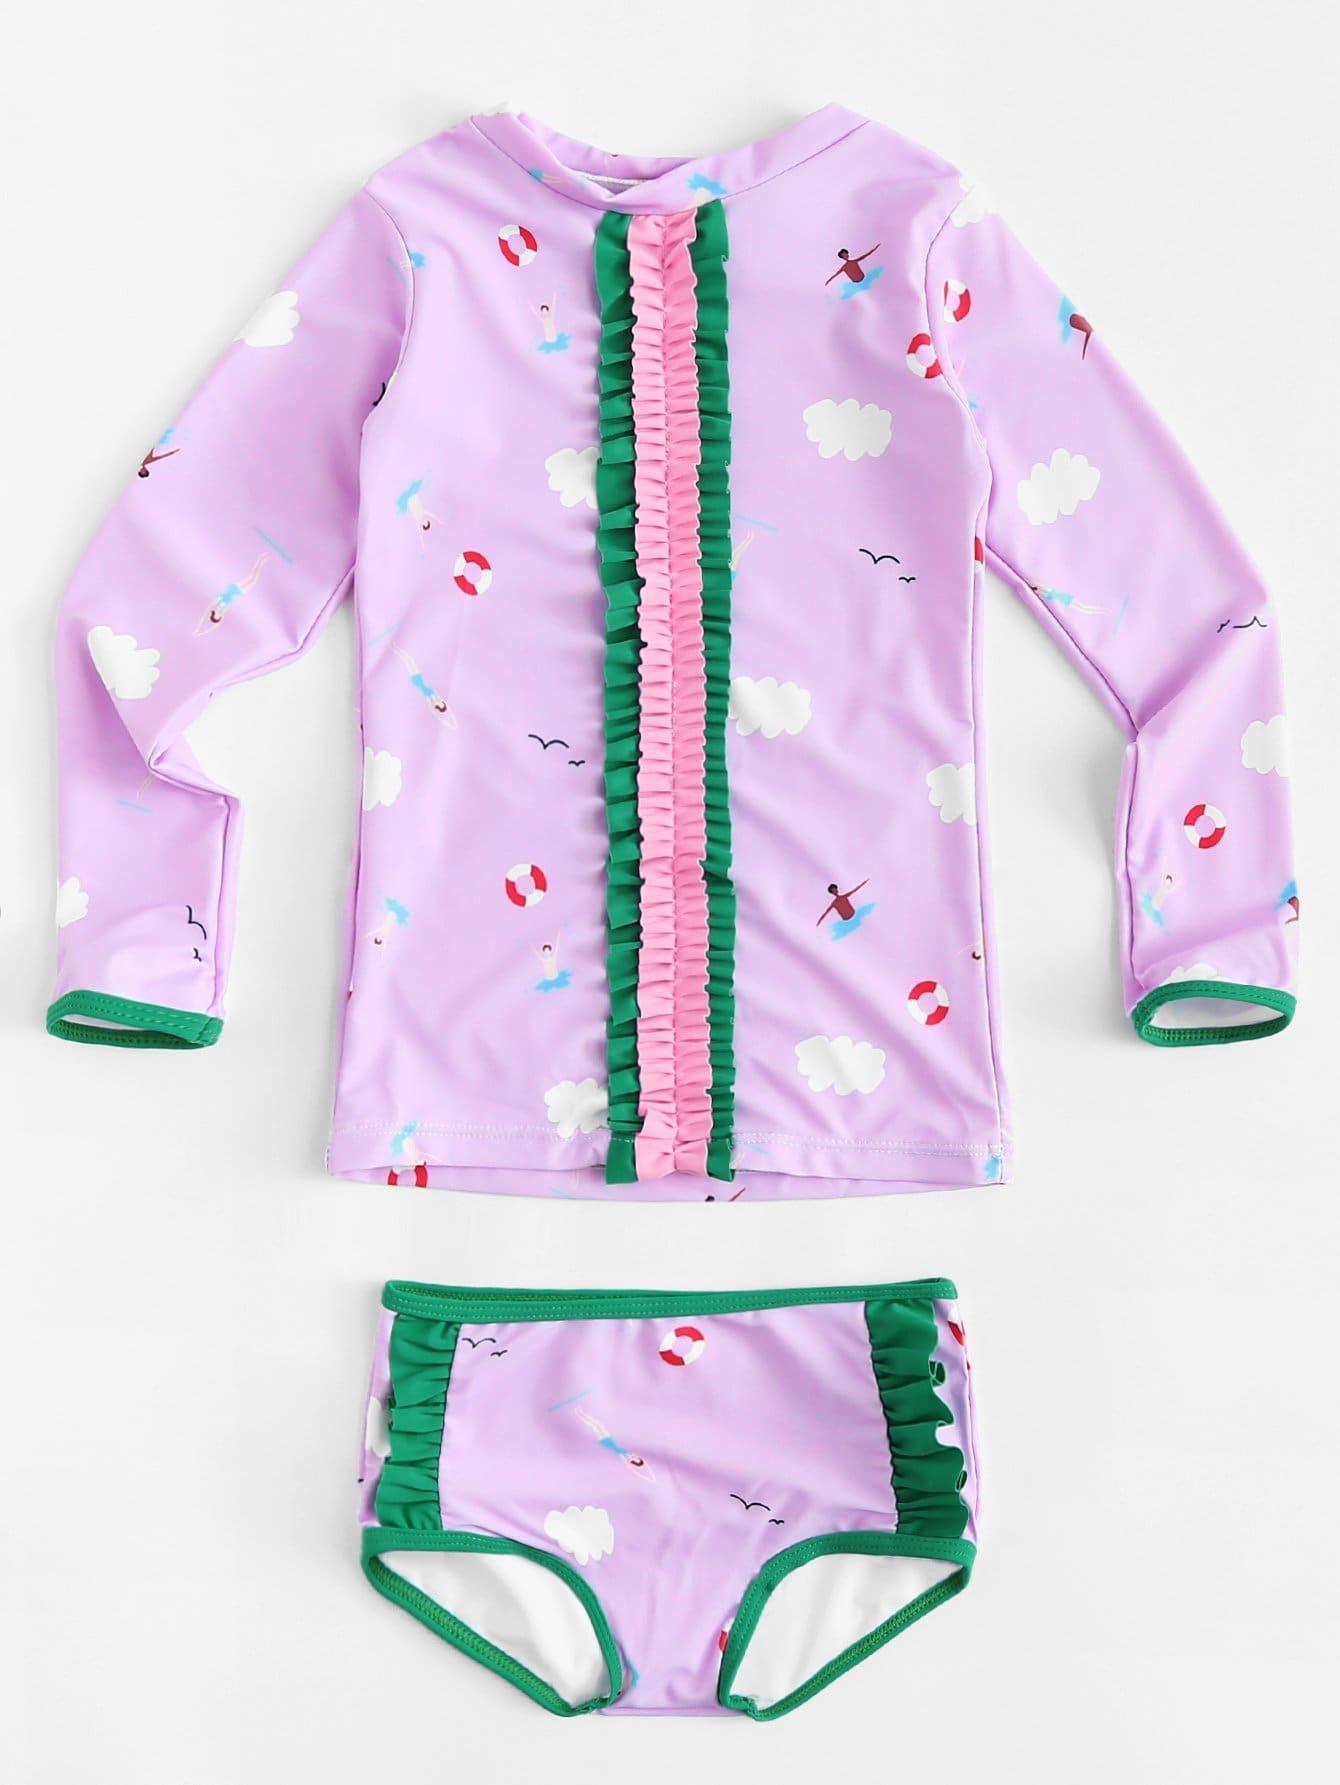 Girls Frill Trim Two Piece Swimwear two tone houndstooth two piece swimwear